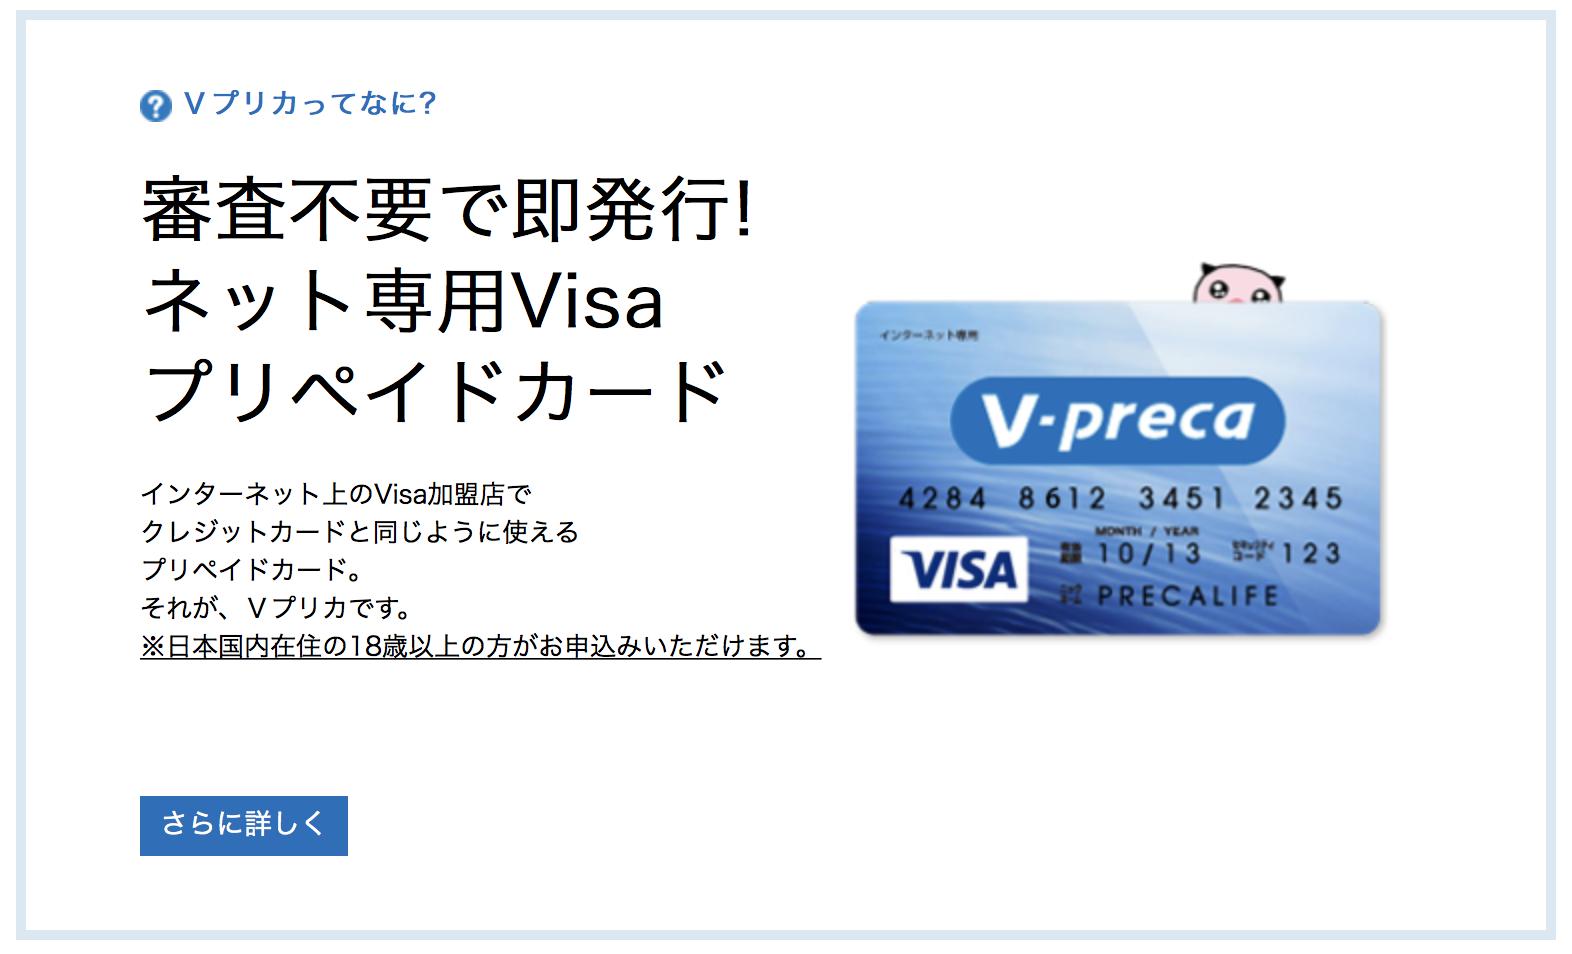 Vプリカ(公式サイト)